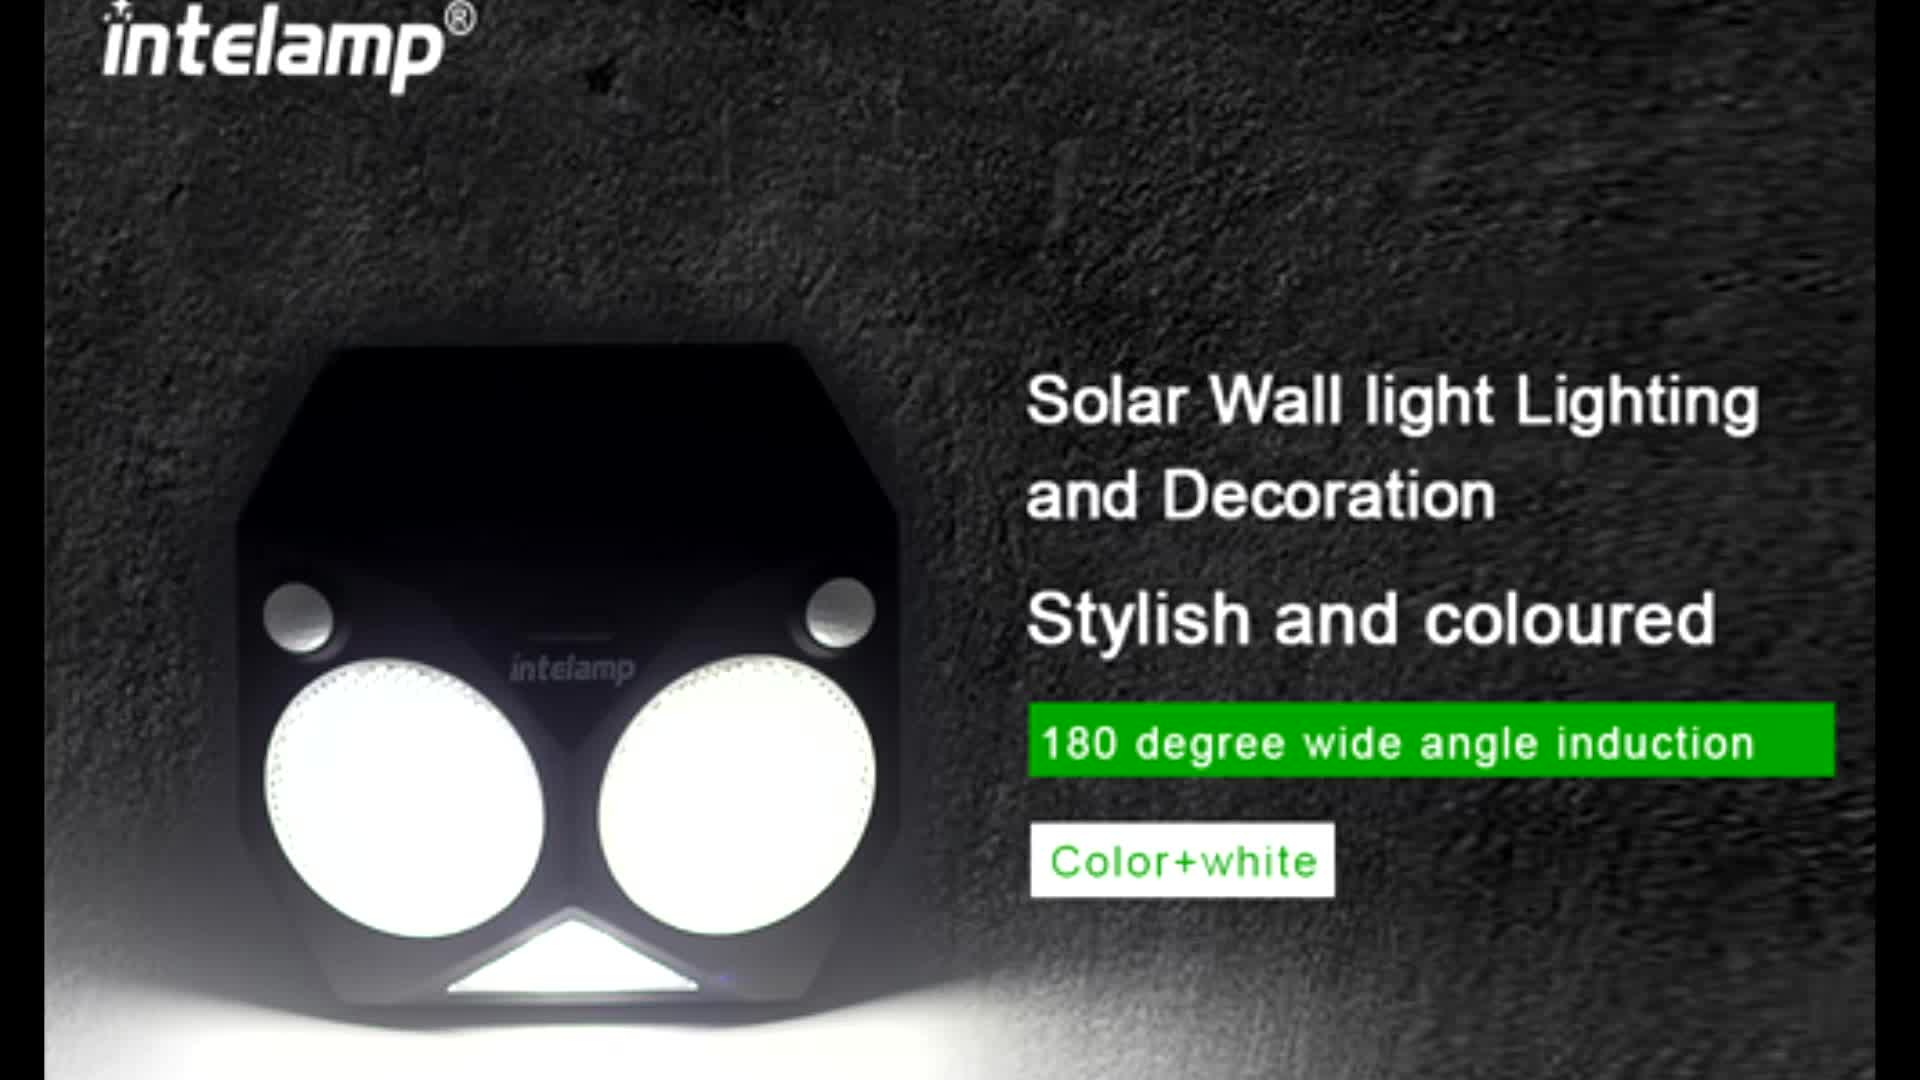 garden lighting in solar energy environment protecting led lamp of solar yard lighting